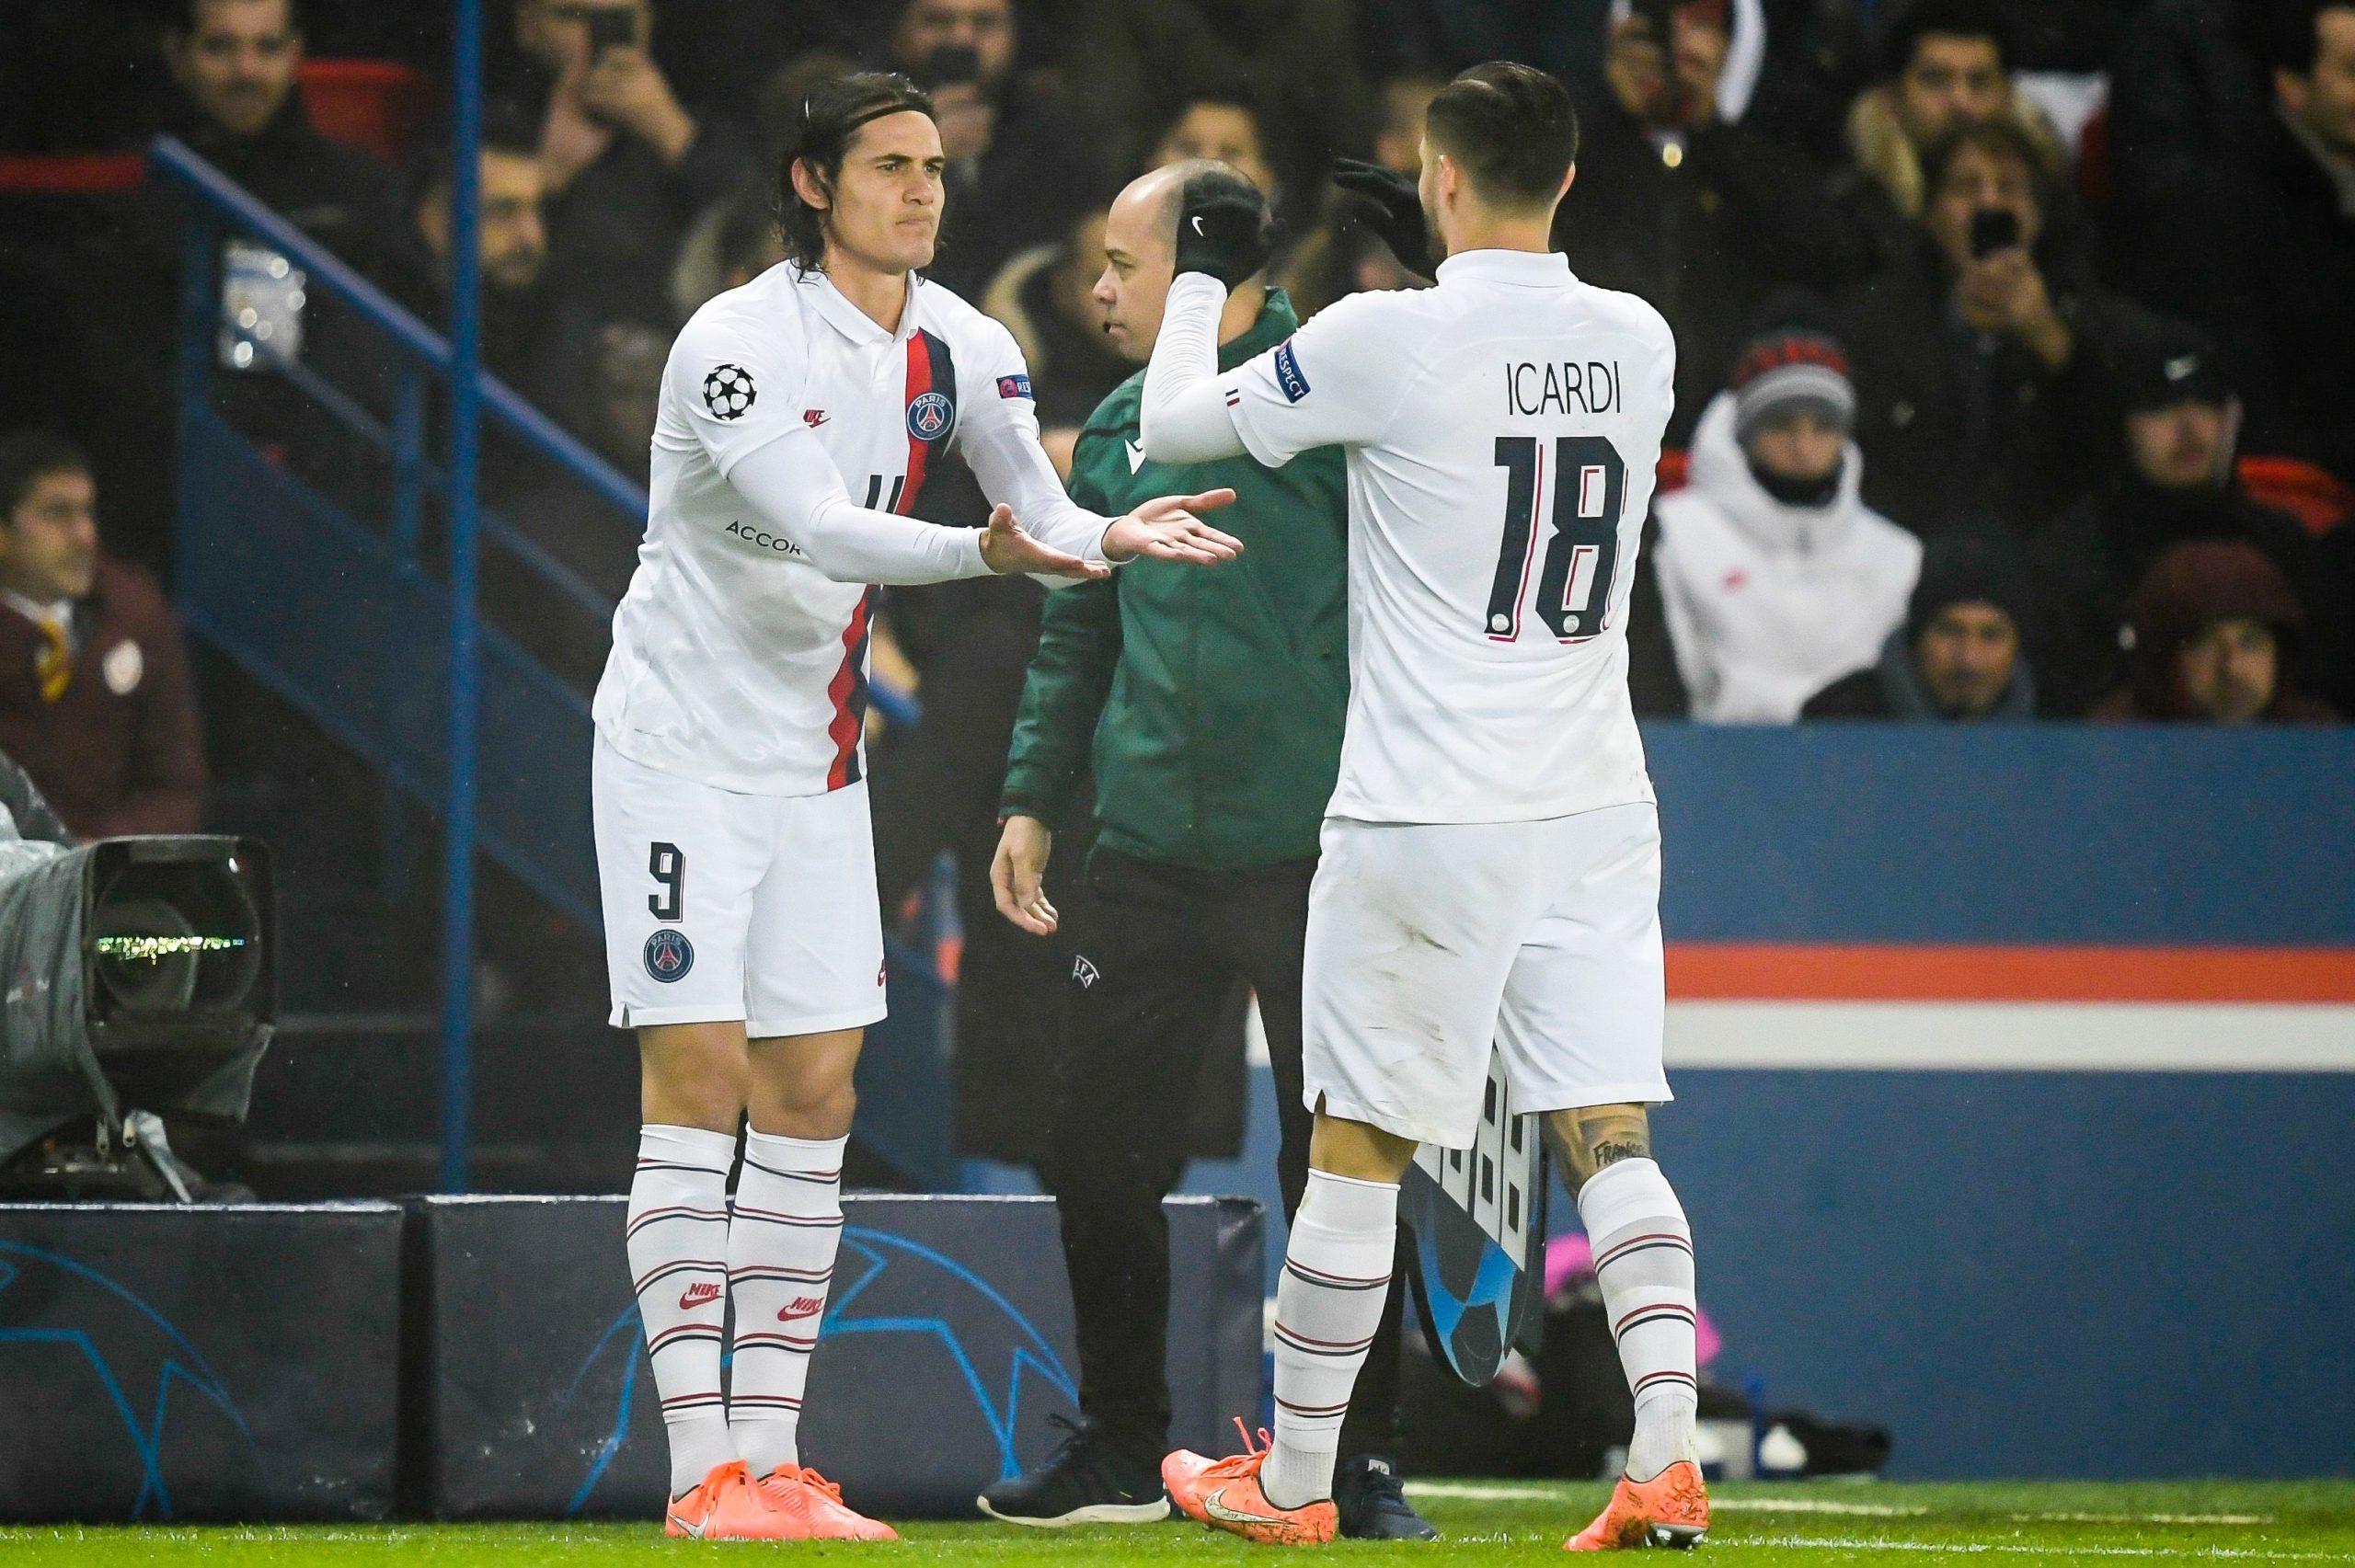 Larqué conseille à Cavani de partir et au PSG de ne pas garder Icardi